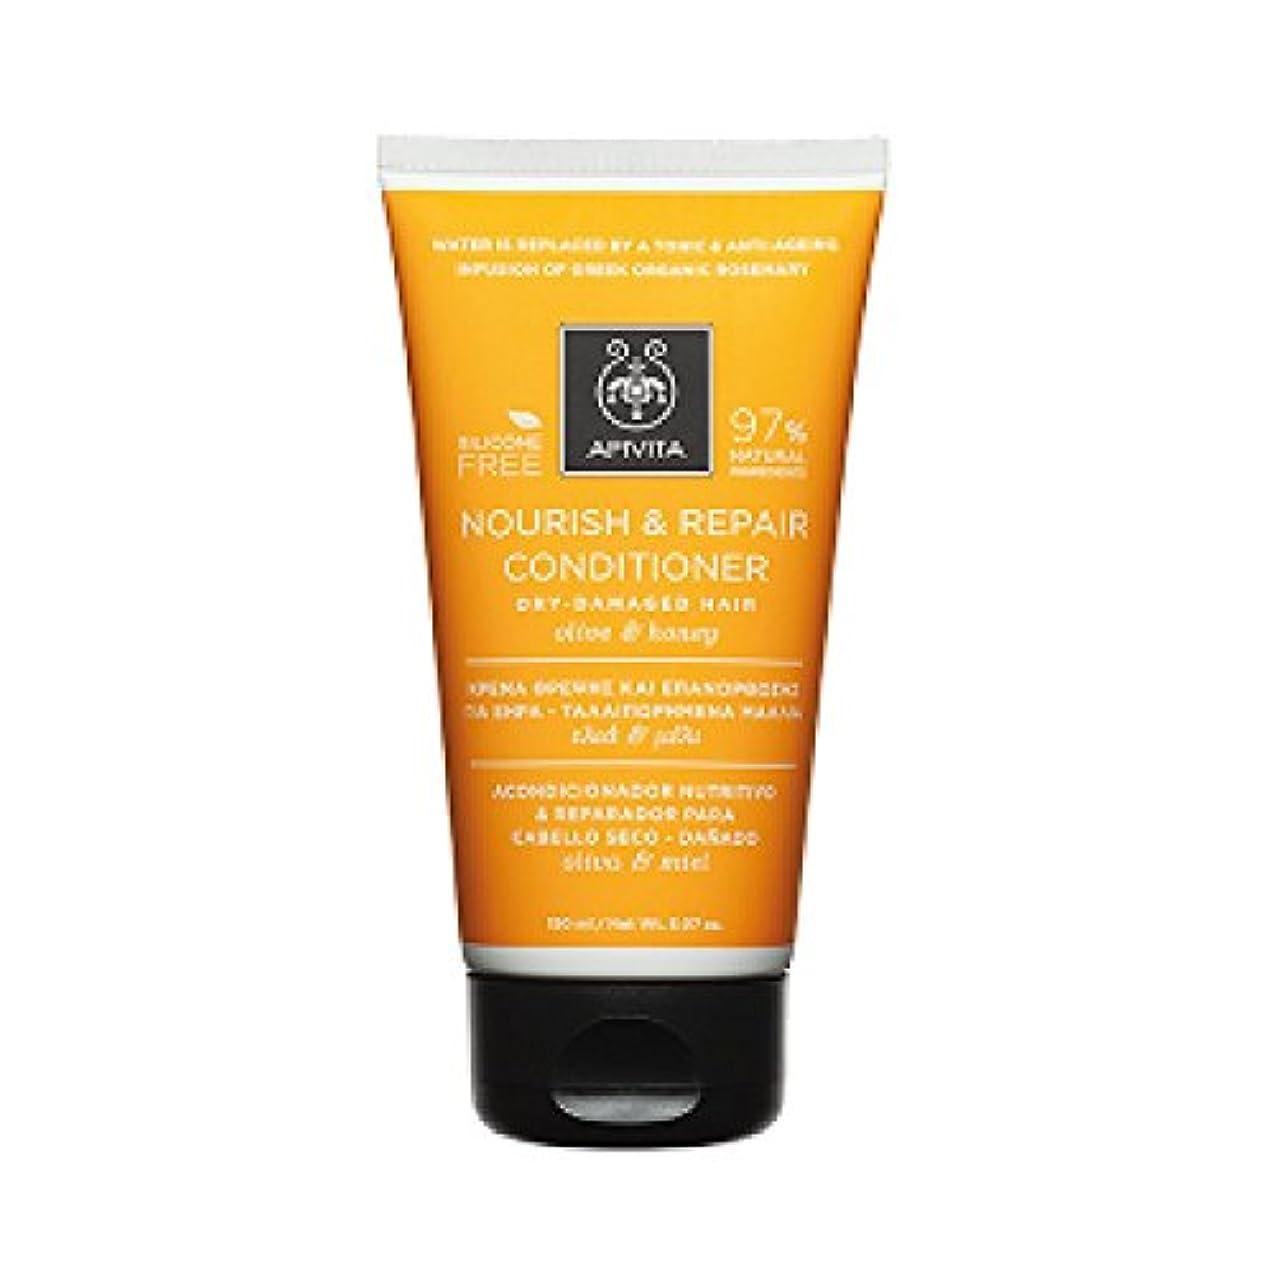 より多い生命体アトミックアピヴィータ Nourish & Repair Conditioner with Olive & Honey (For Dry-Damaged Hair) 150ml [並行輸入品]